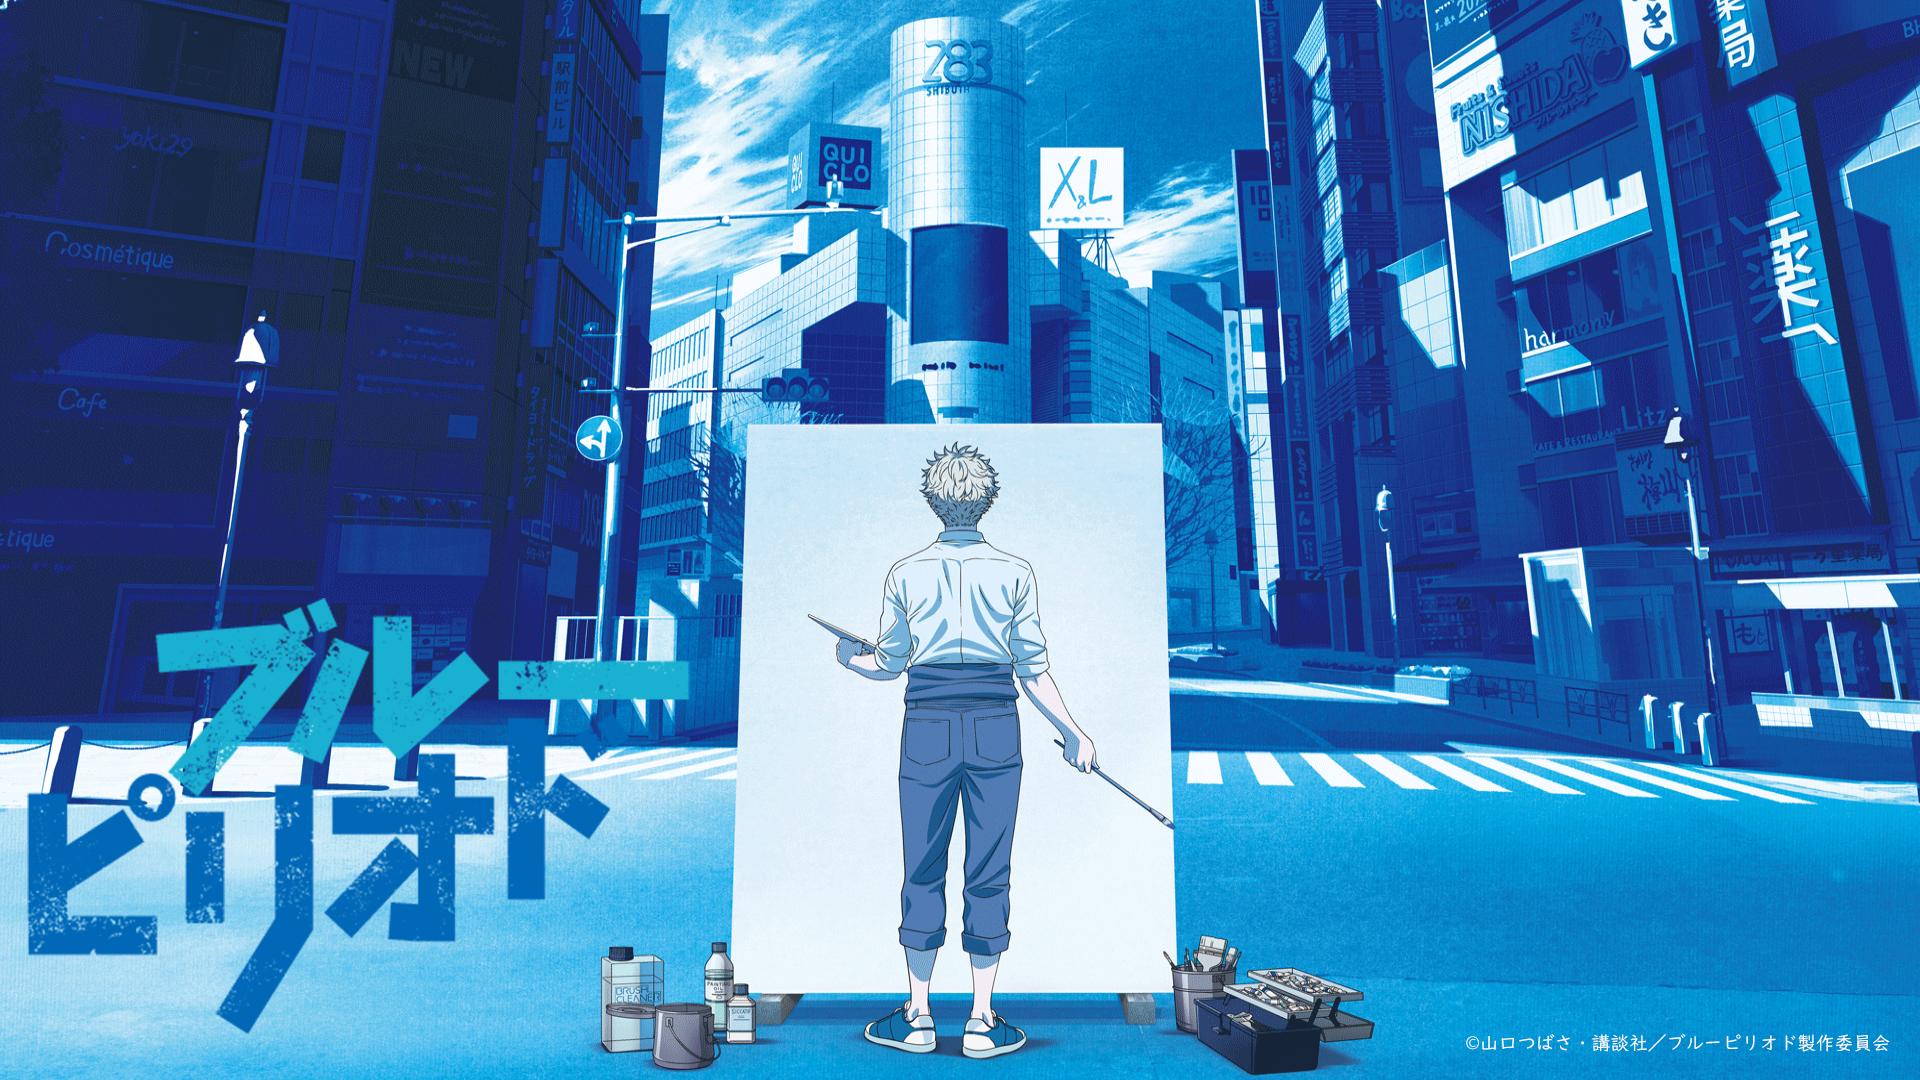 TVアニメ『ブルーピリオド』ファンサロン 東京美術学院 オンライン学科